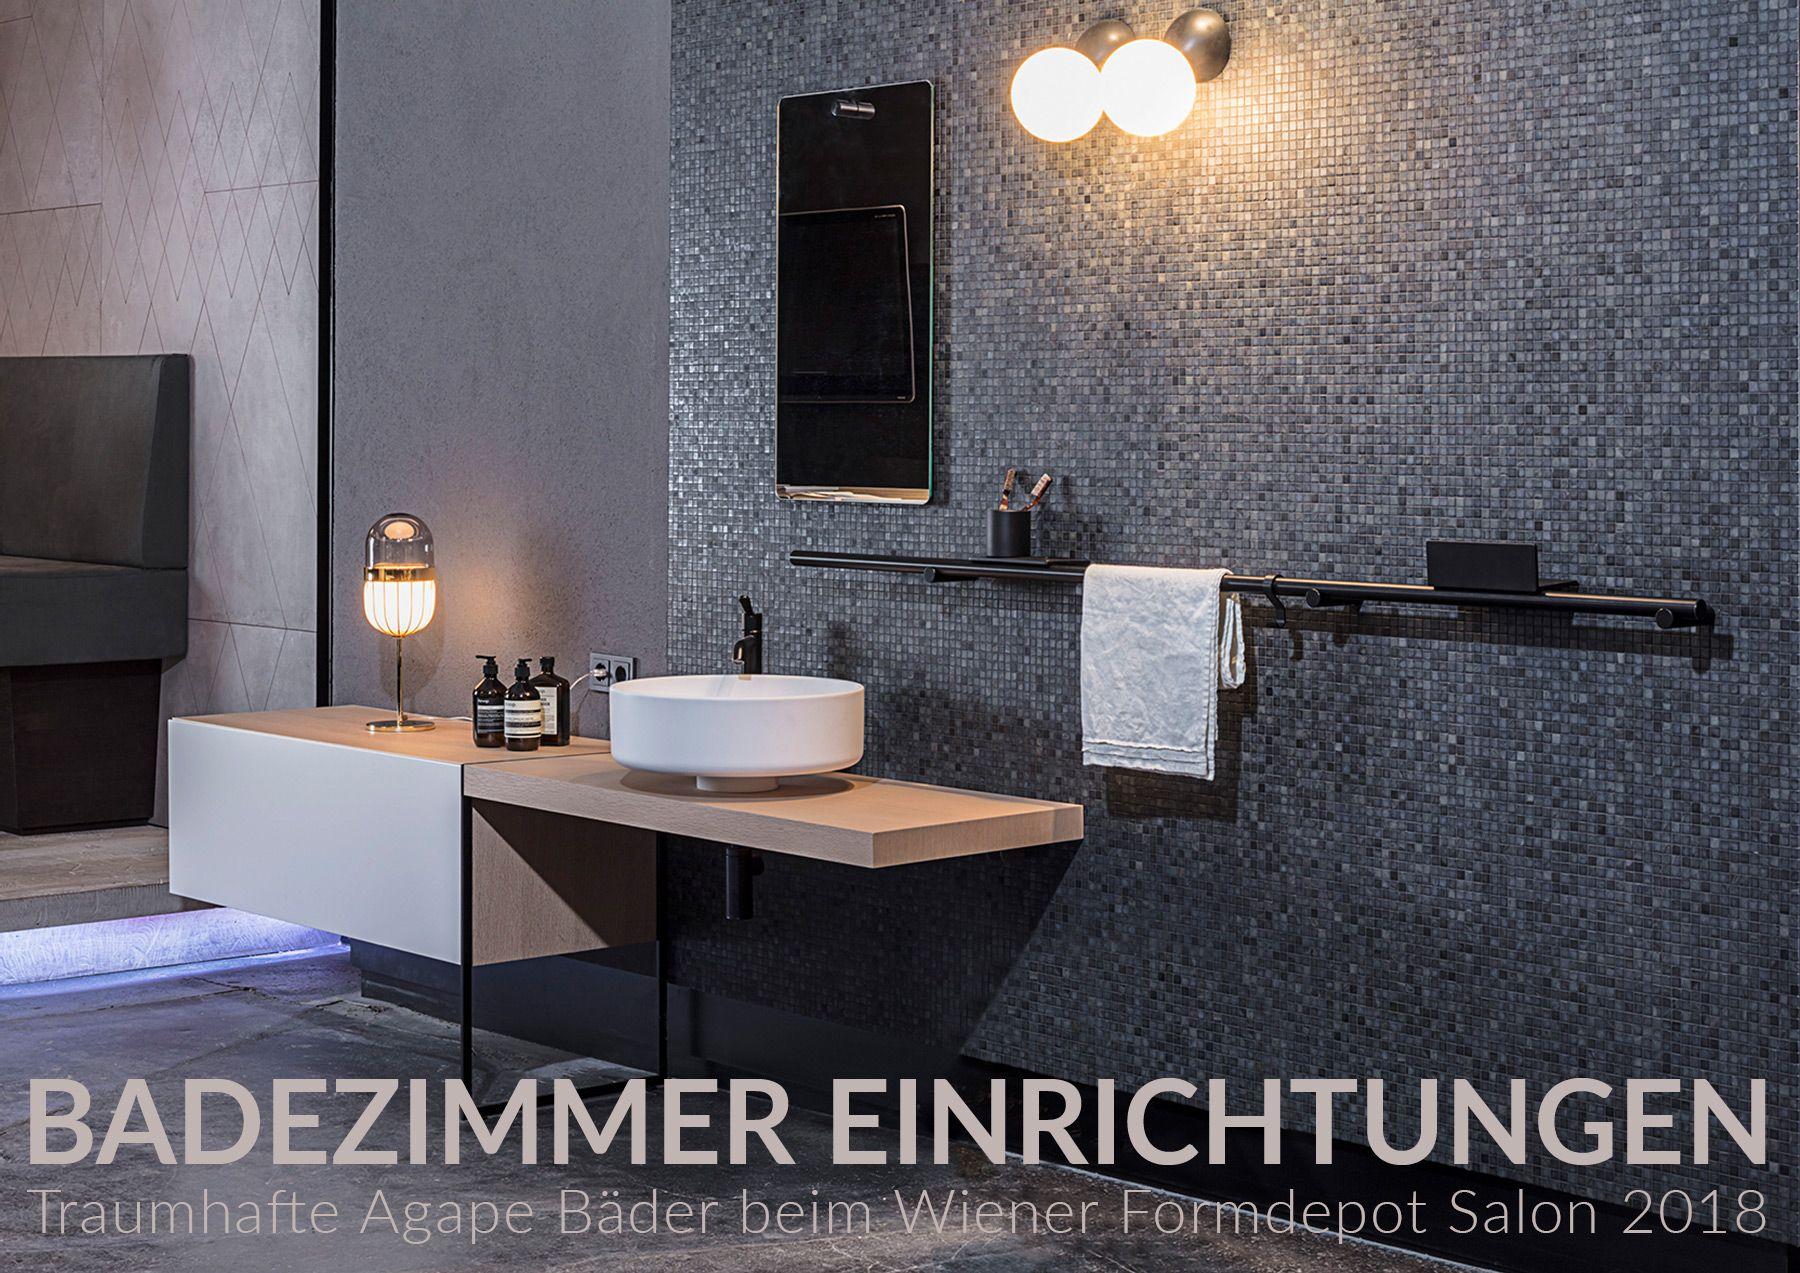 Badezimmer Einrichtung zum Träumen  used-design  Badezimmer